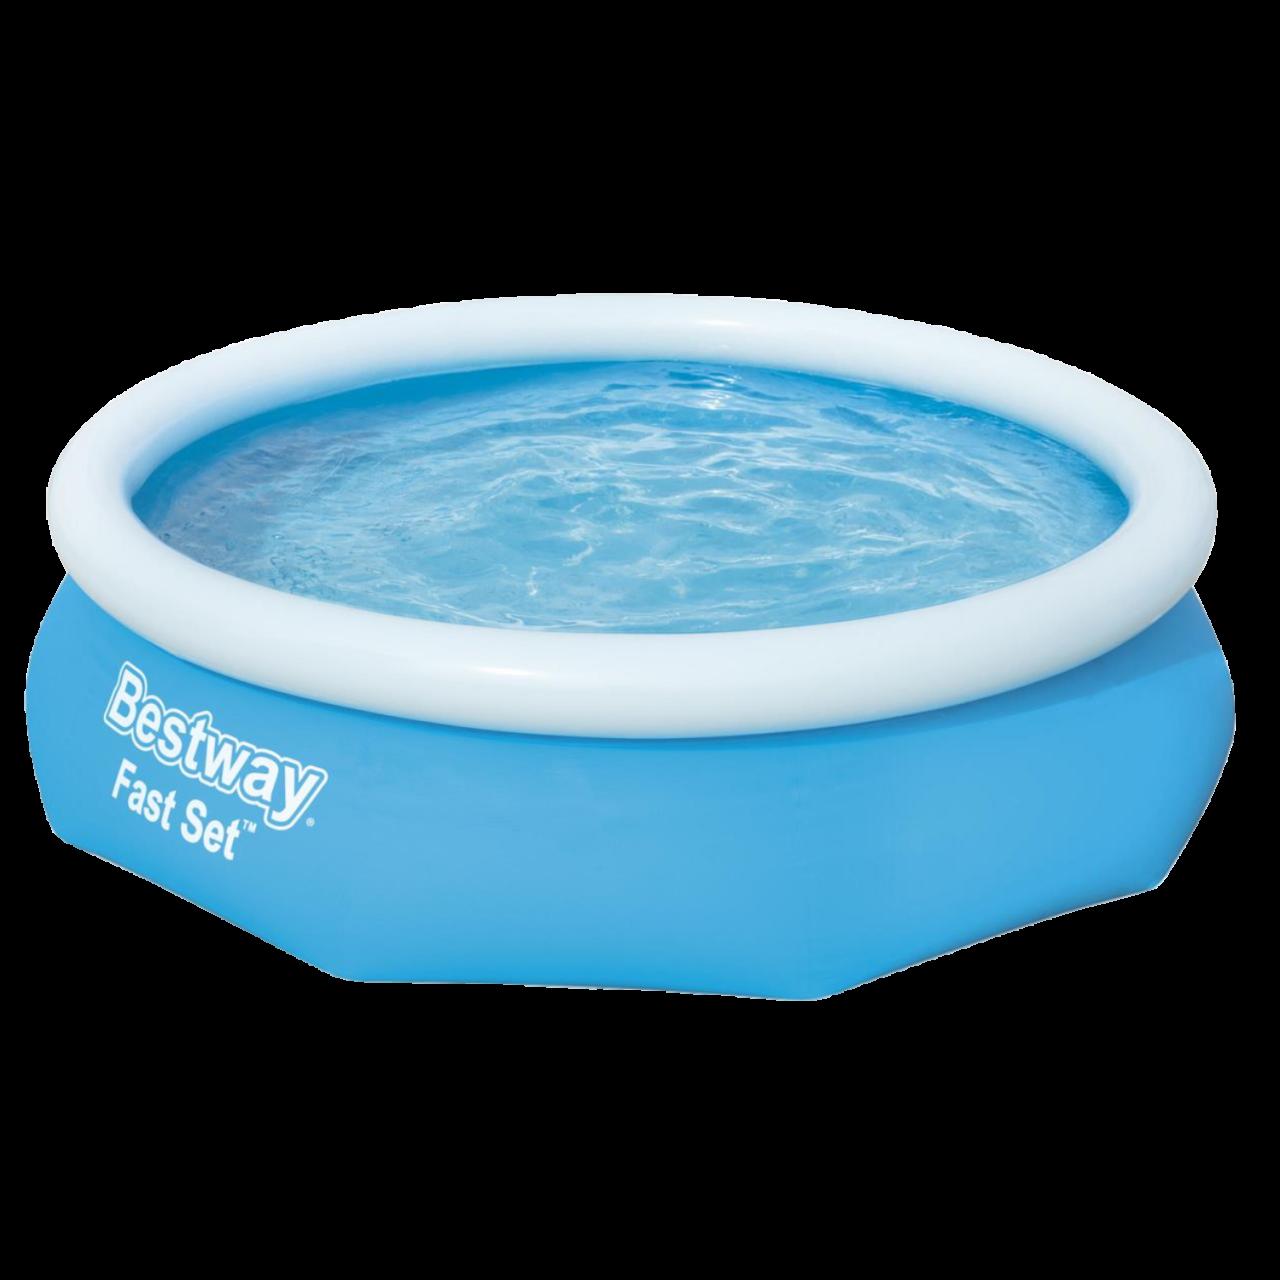 Bestway Fast Set Pool mit Filterpumpe Schwimmbad Swimmingpool 305 x 76 cm 57270